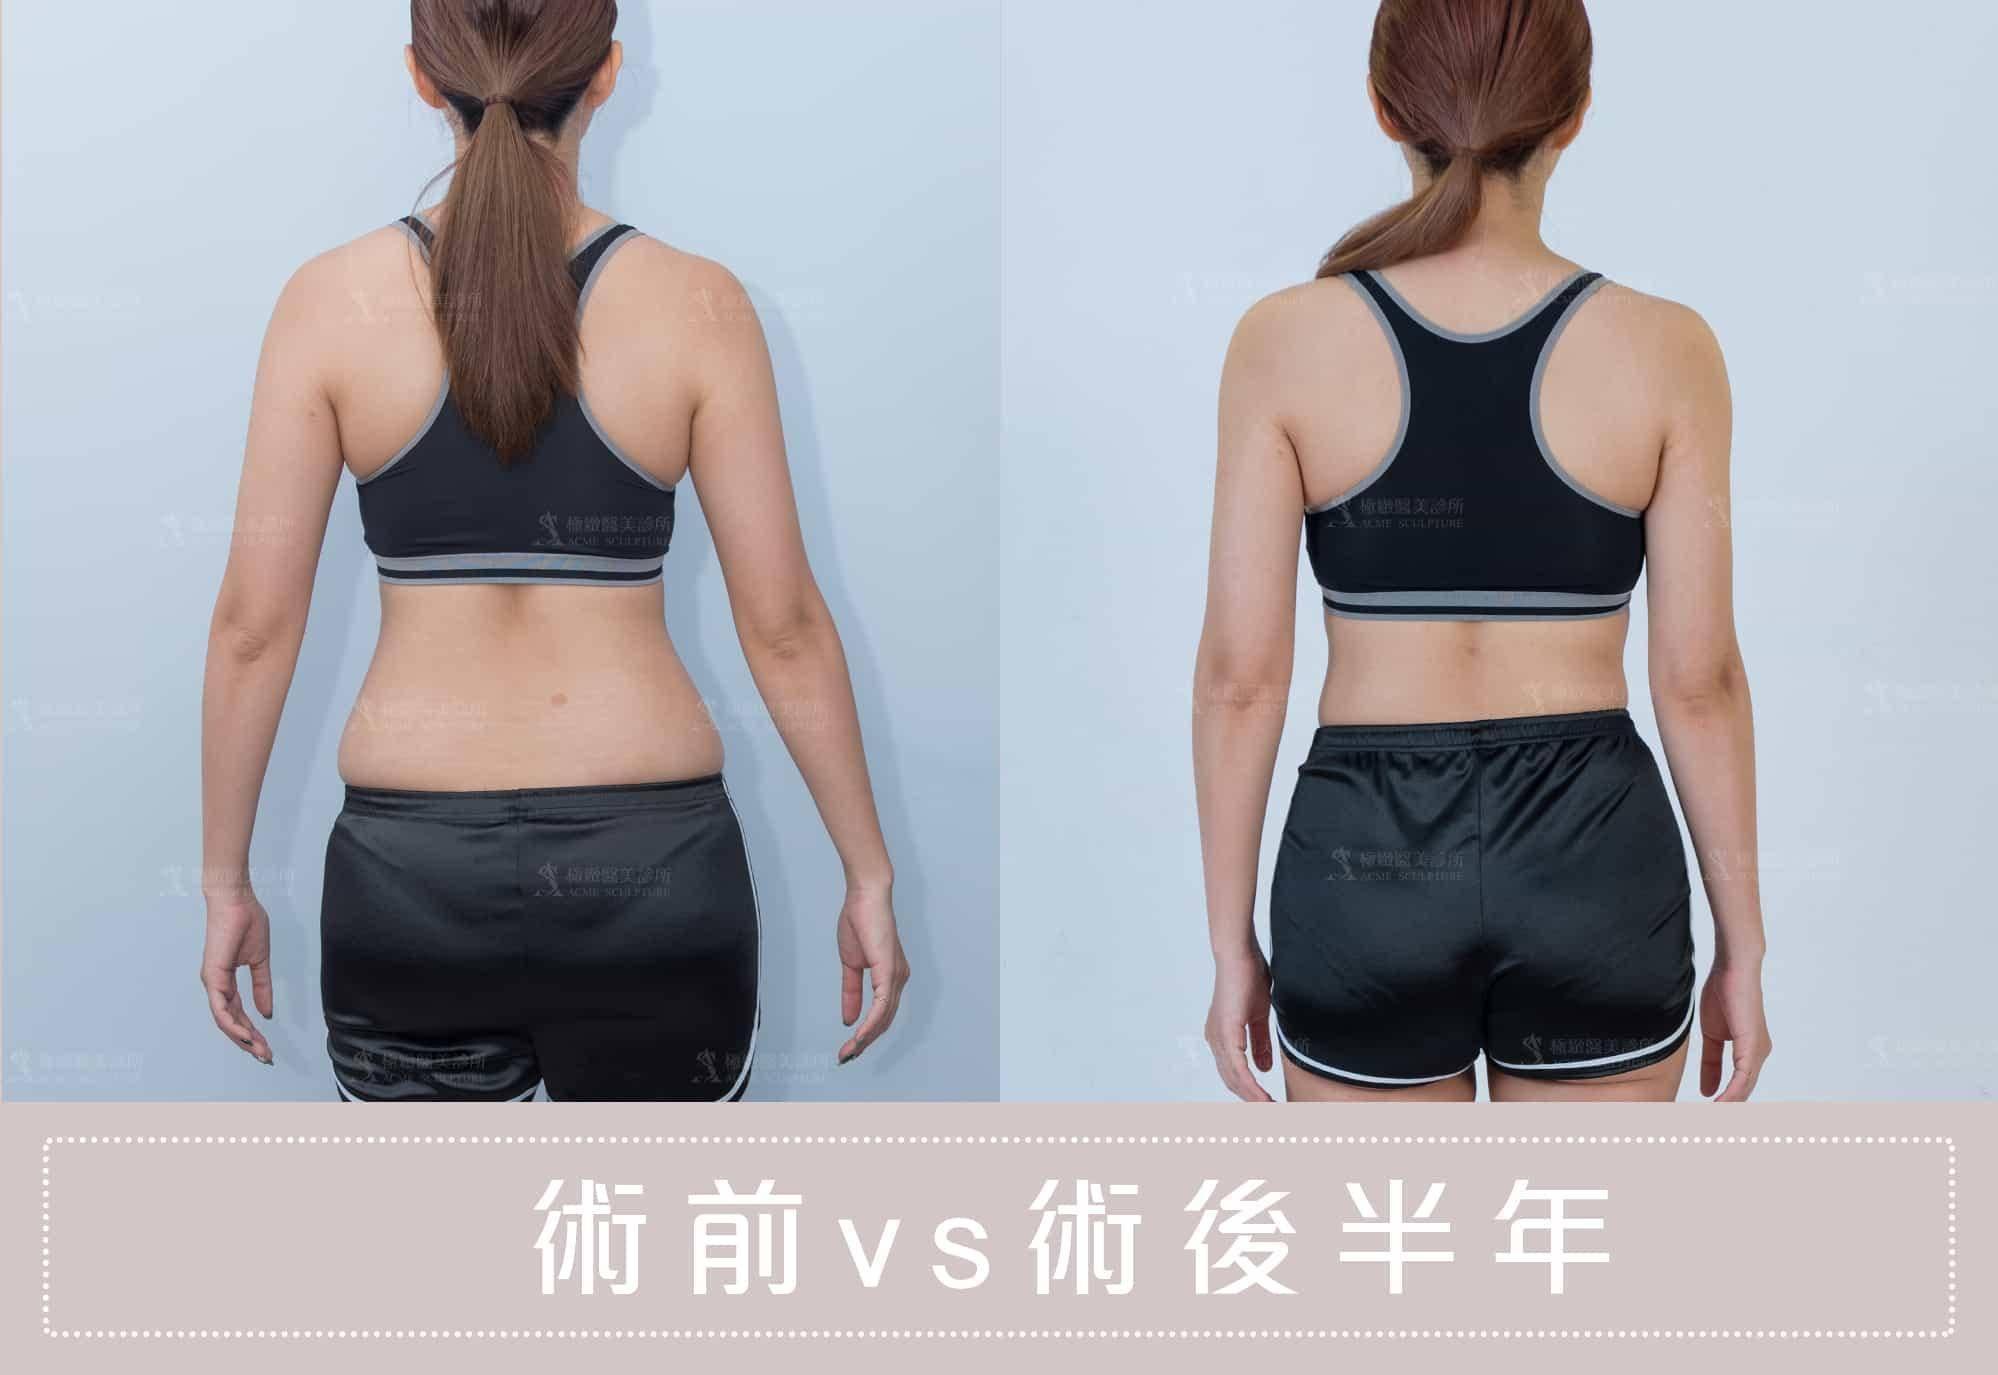 威塑抽脂解決運動也減不掉的脂肪